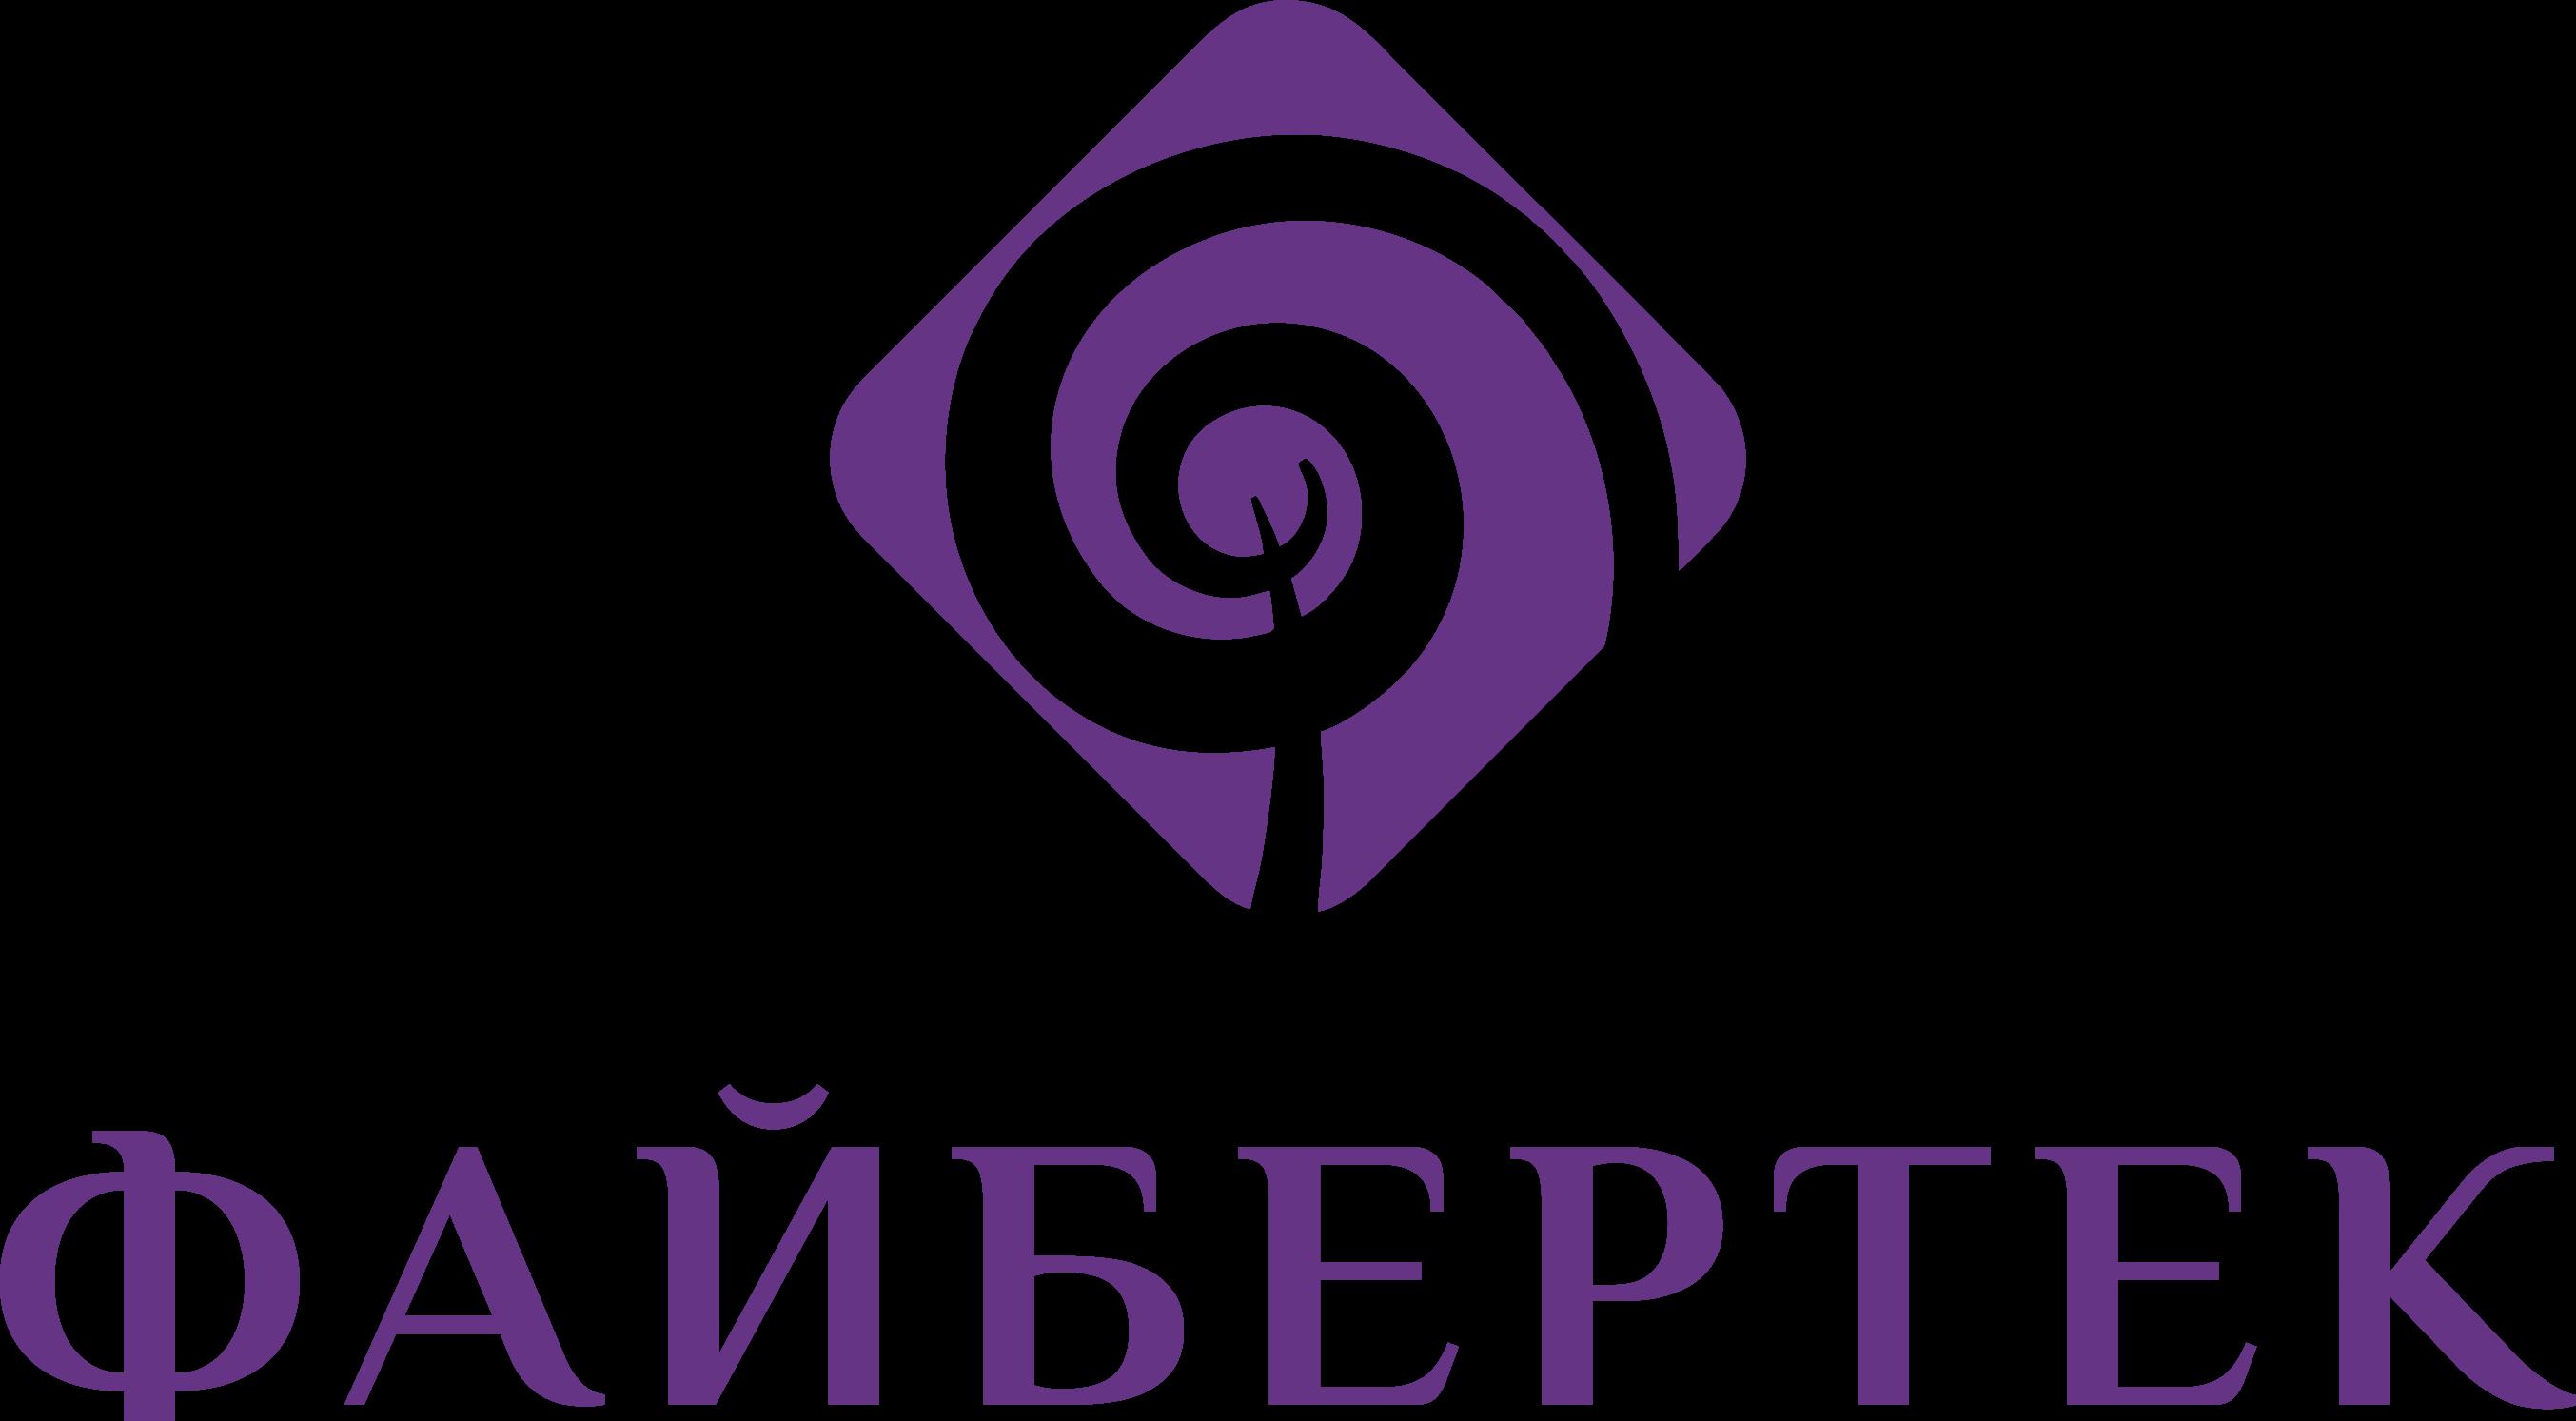 Логотип Файбершоп